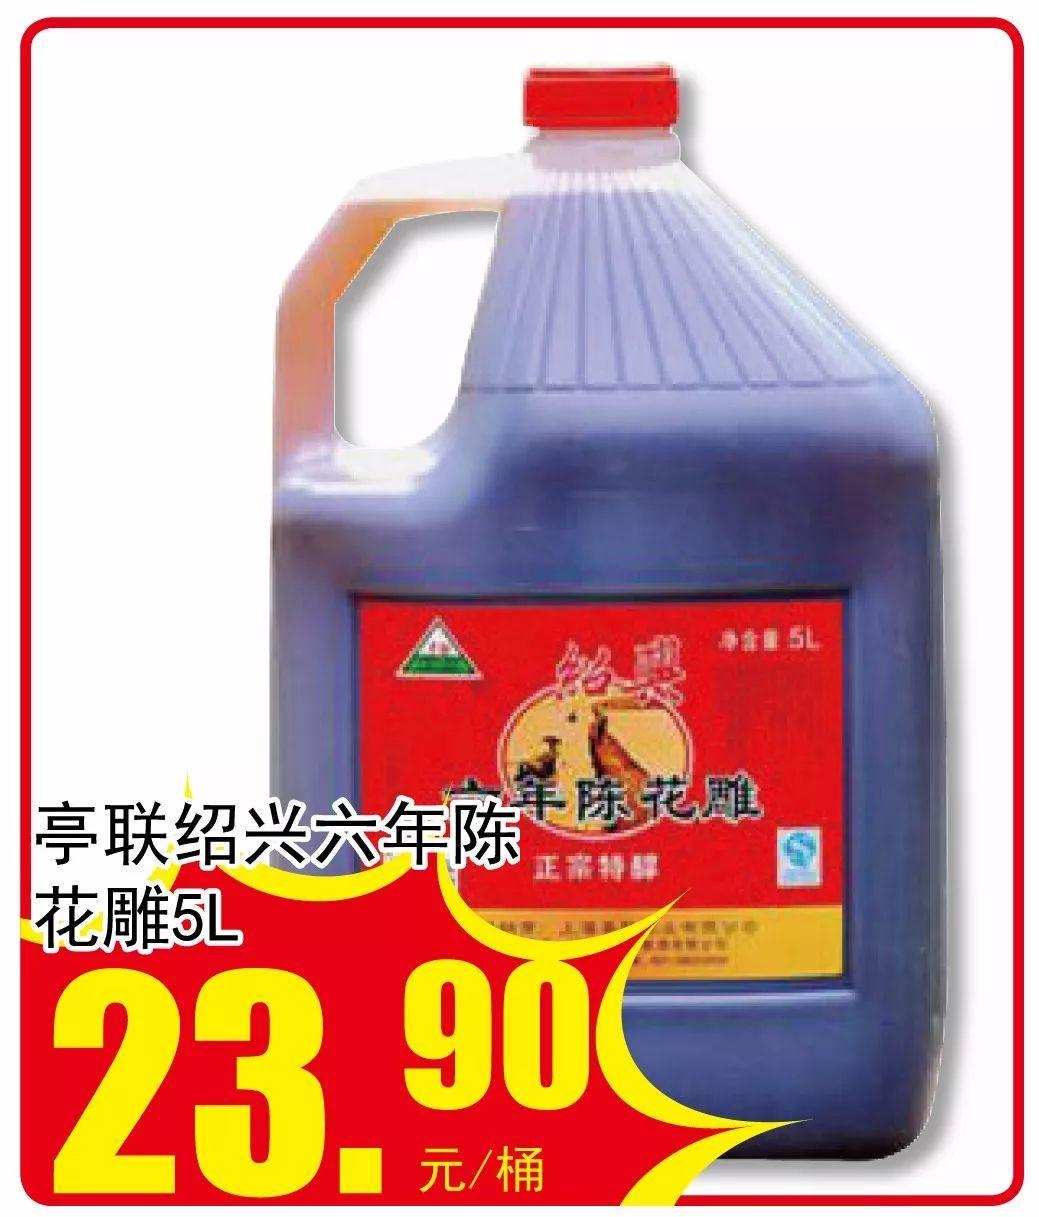 供应产品_温州洁雅抛光研磨材料有限公司